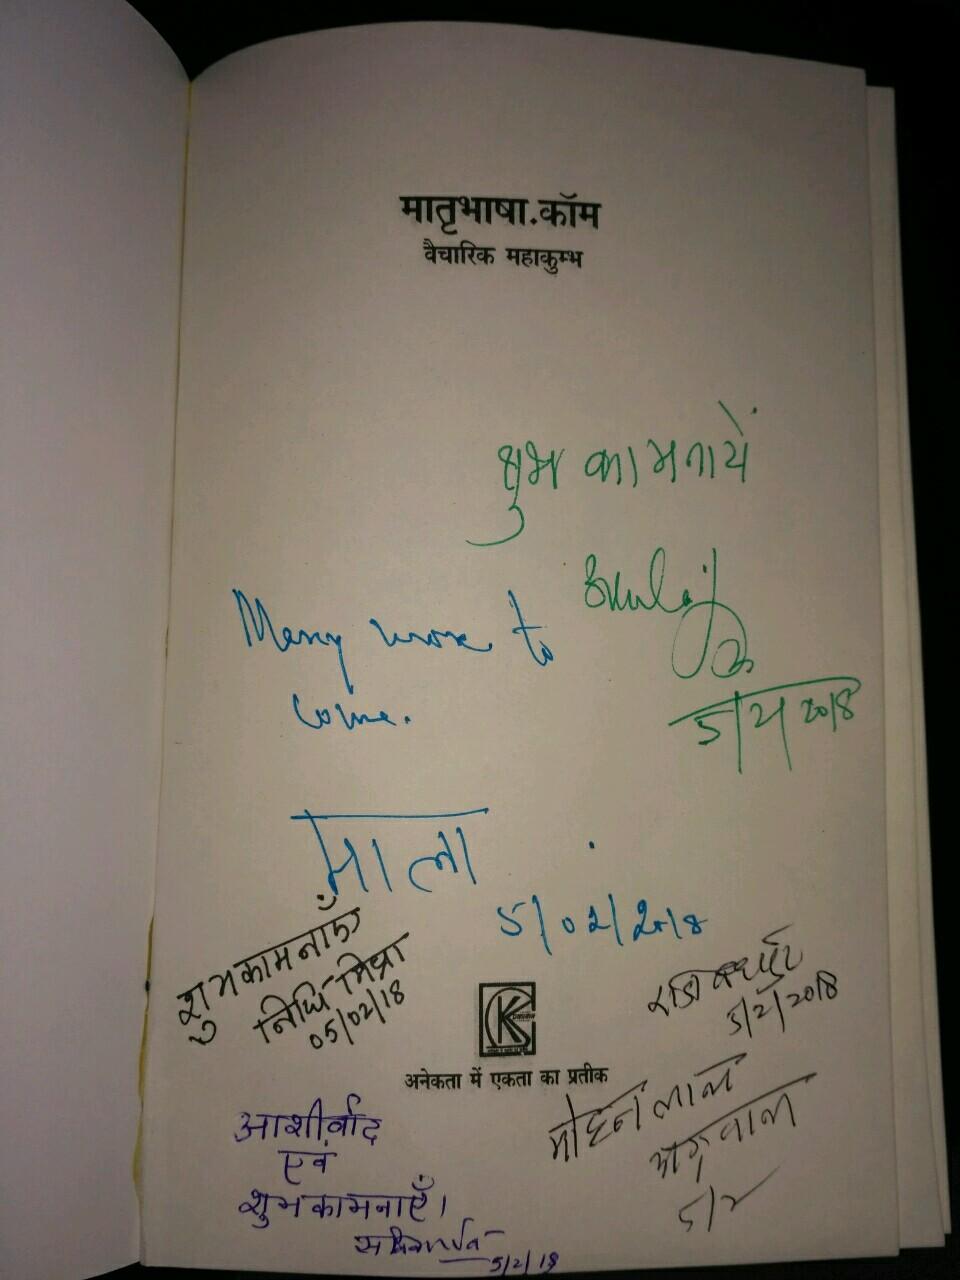 अंग्रेजी विद्यालय में हिंदी मेंहस्ताक्षर बदलो अभियान शुरु